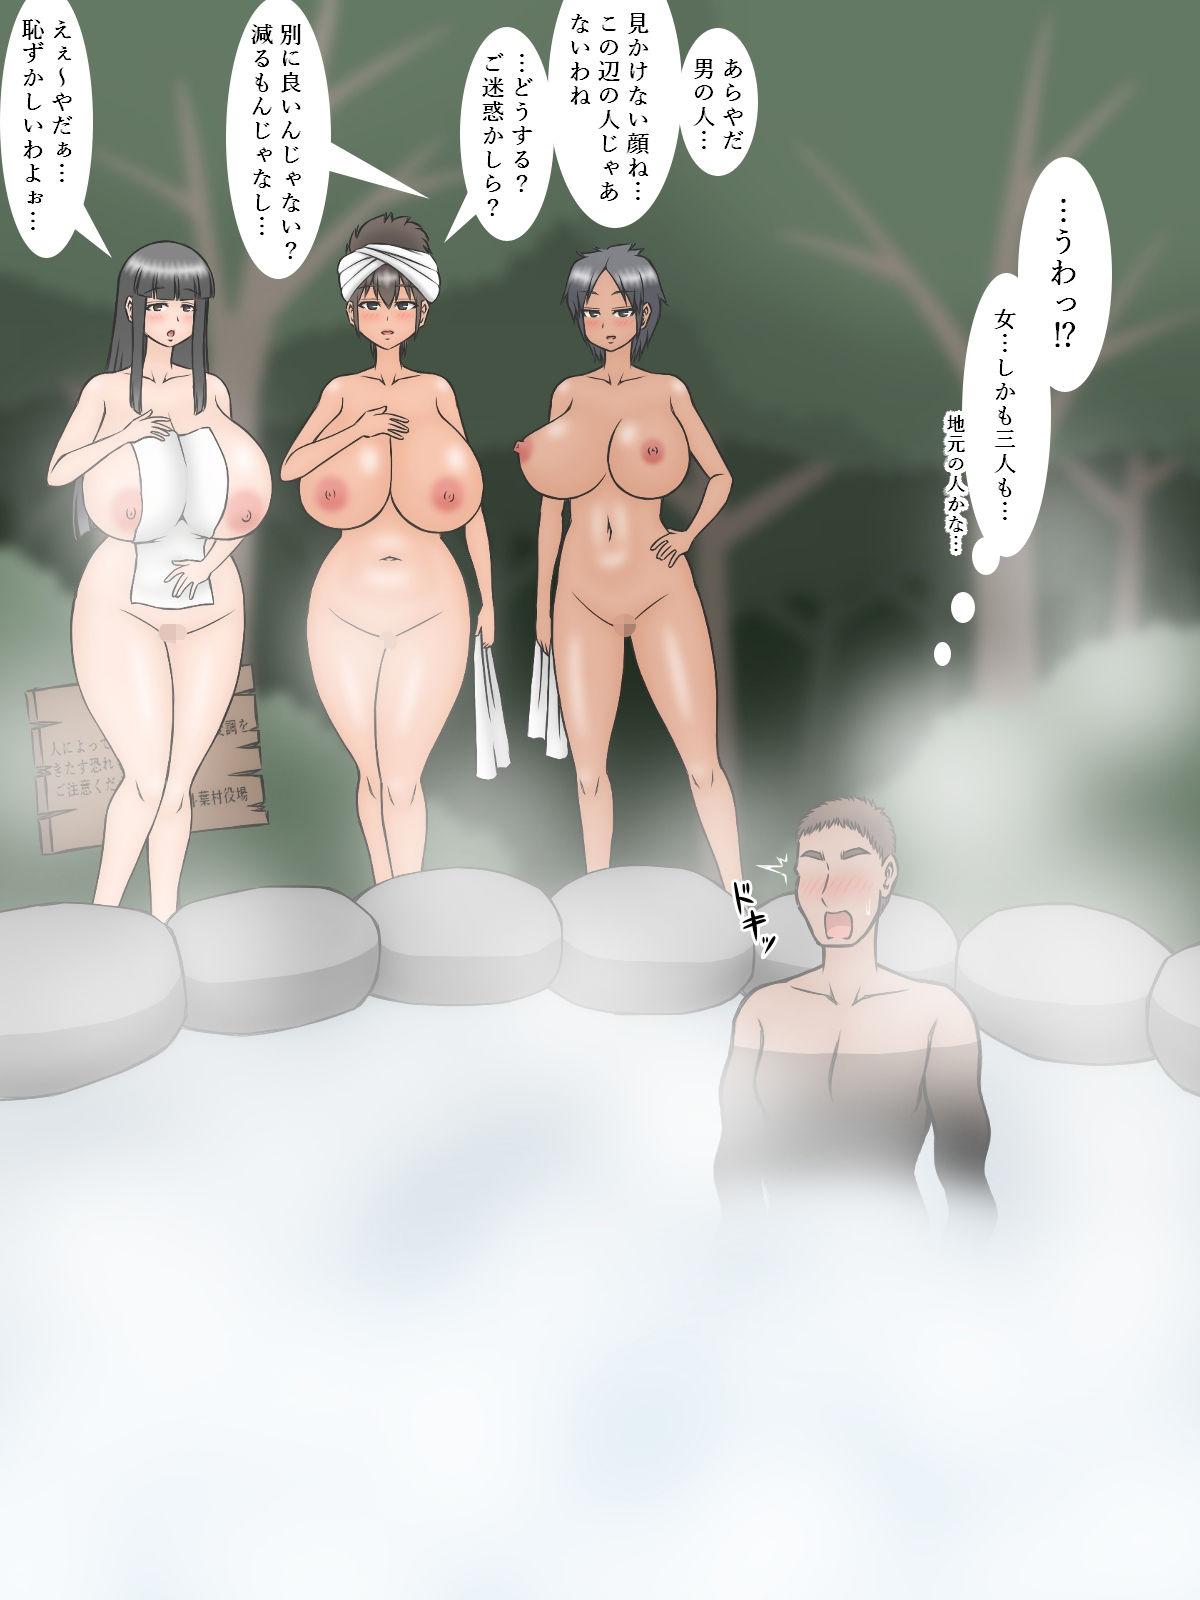 秘湯で会った人妻達に種付けした話